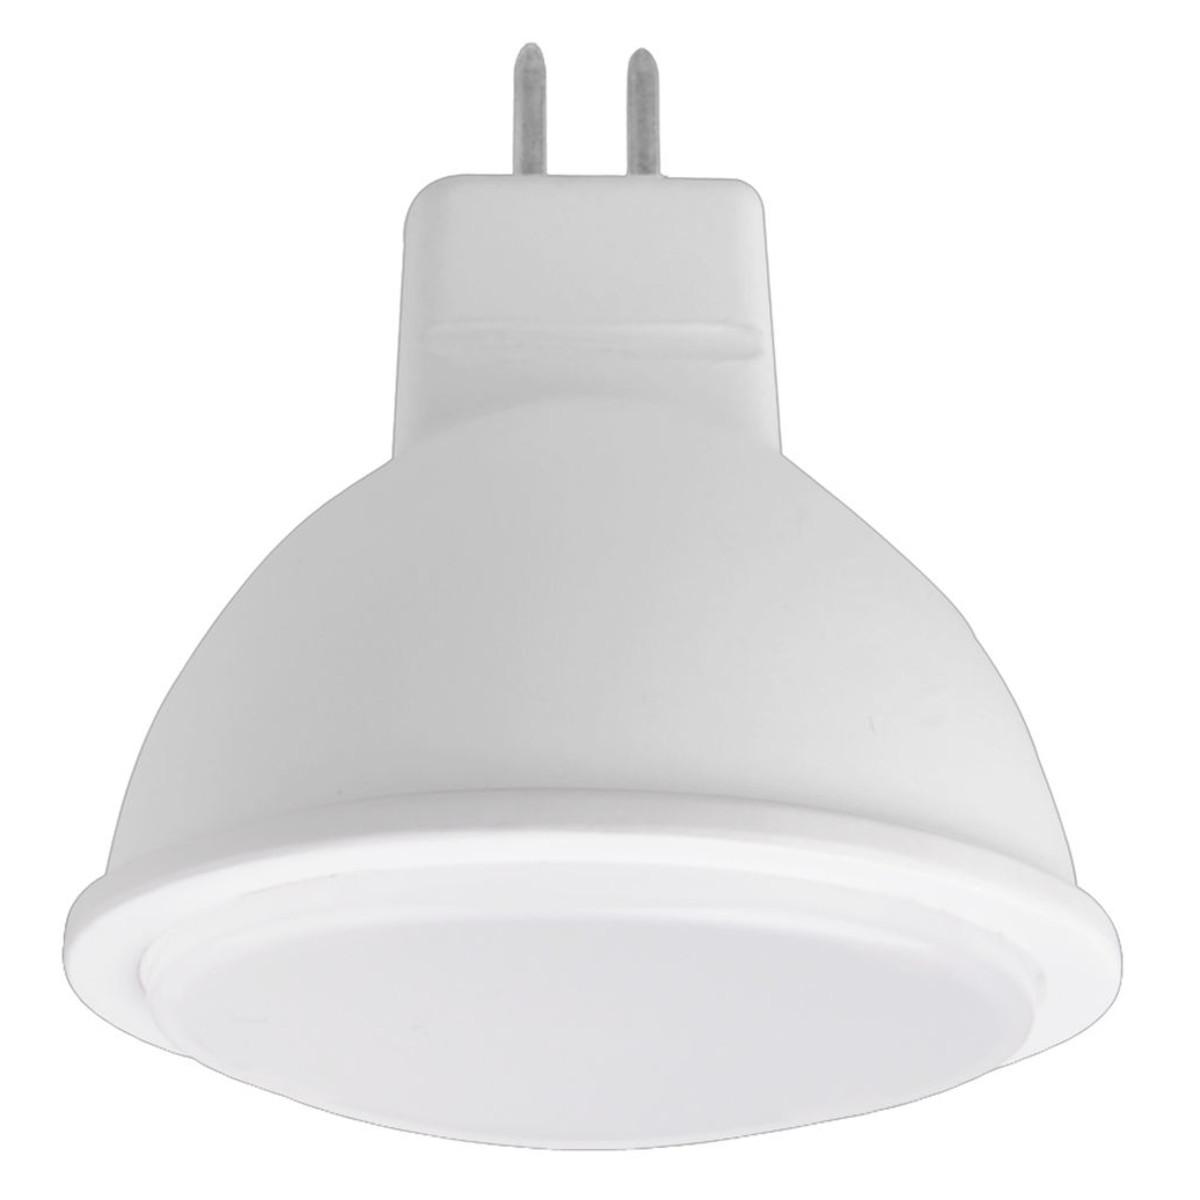 Лампа Ecola Light GU5.3 Вт рефлекторная 490 Лм нейтральный